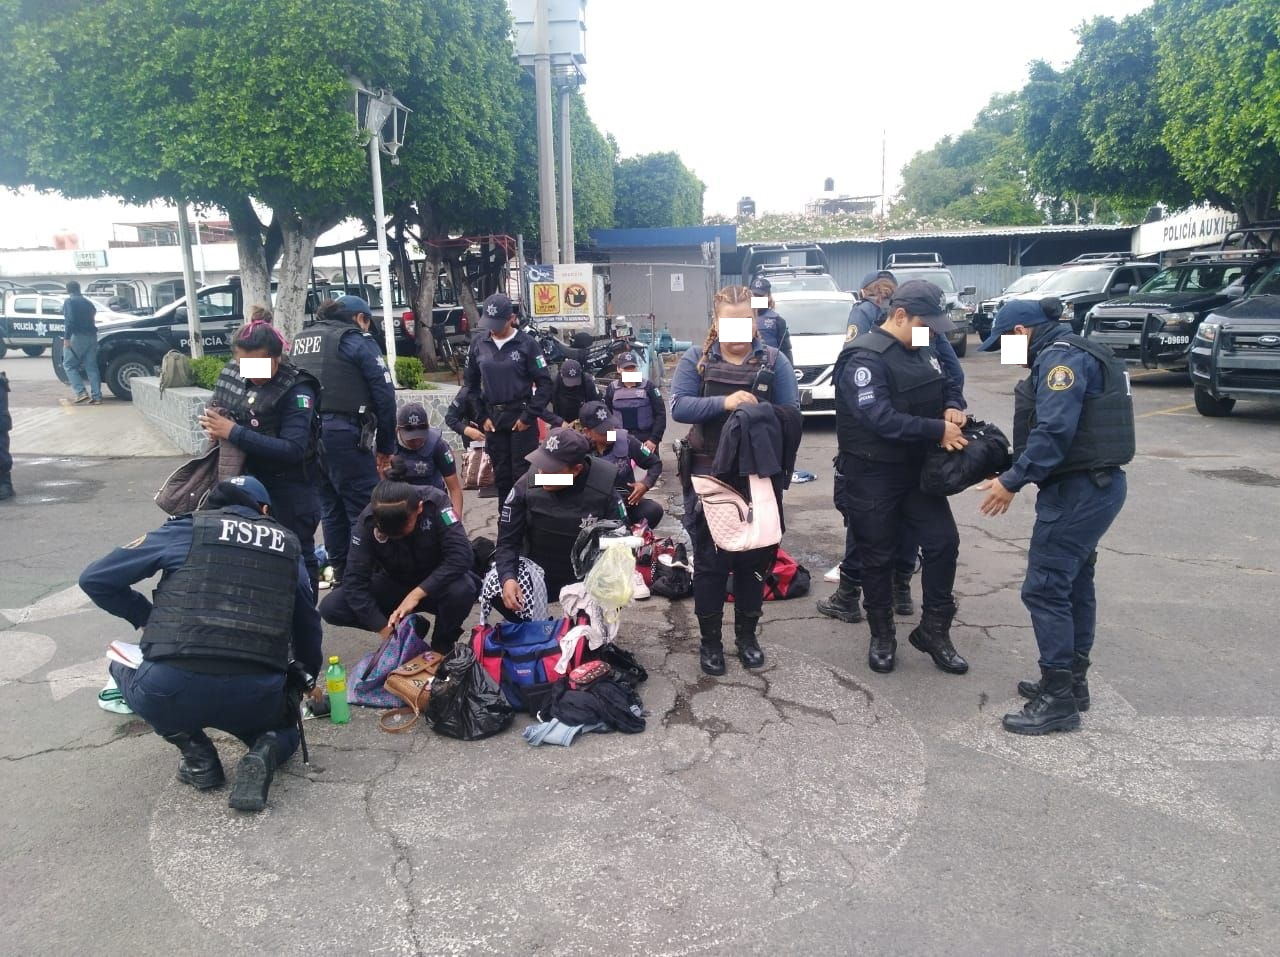 De forma sorpresiva, Ejército y FSPE revisan armas y celulares a policías municipales